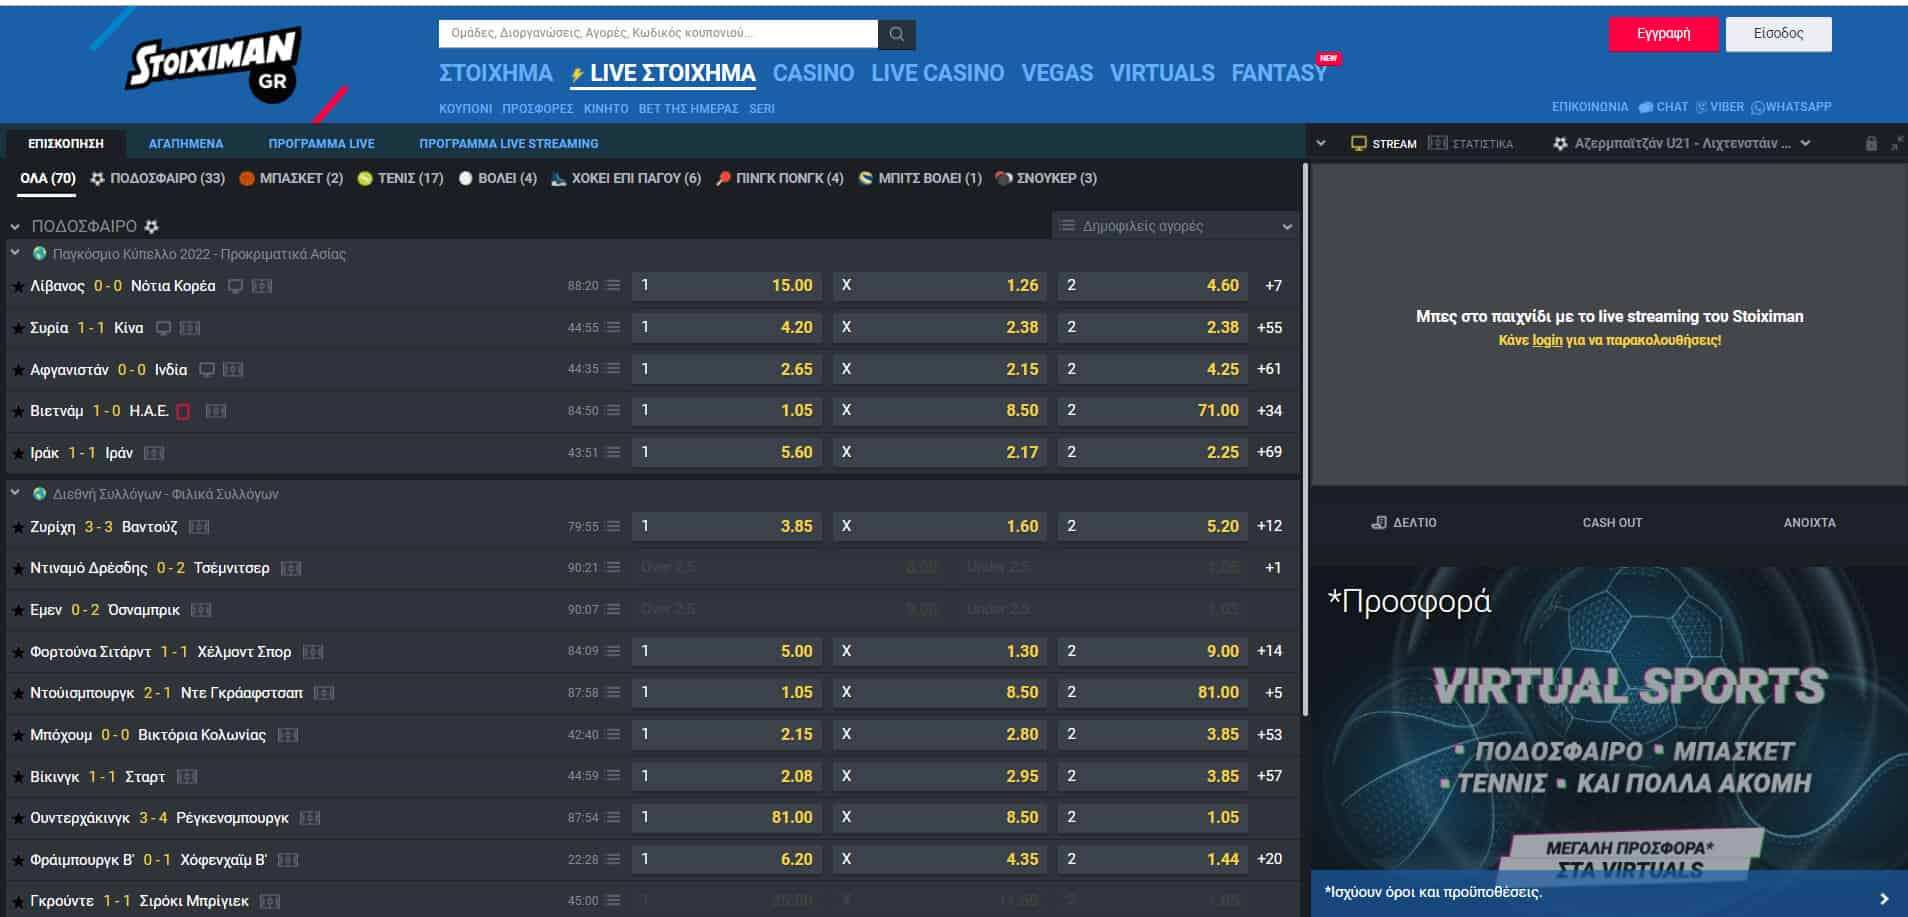 Στη stoiximan.gr Θα βρείτε την πλέον εξελιγμένη πλατφόρμα live betting στο χώρο